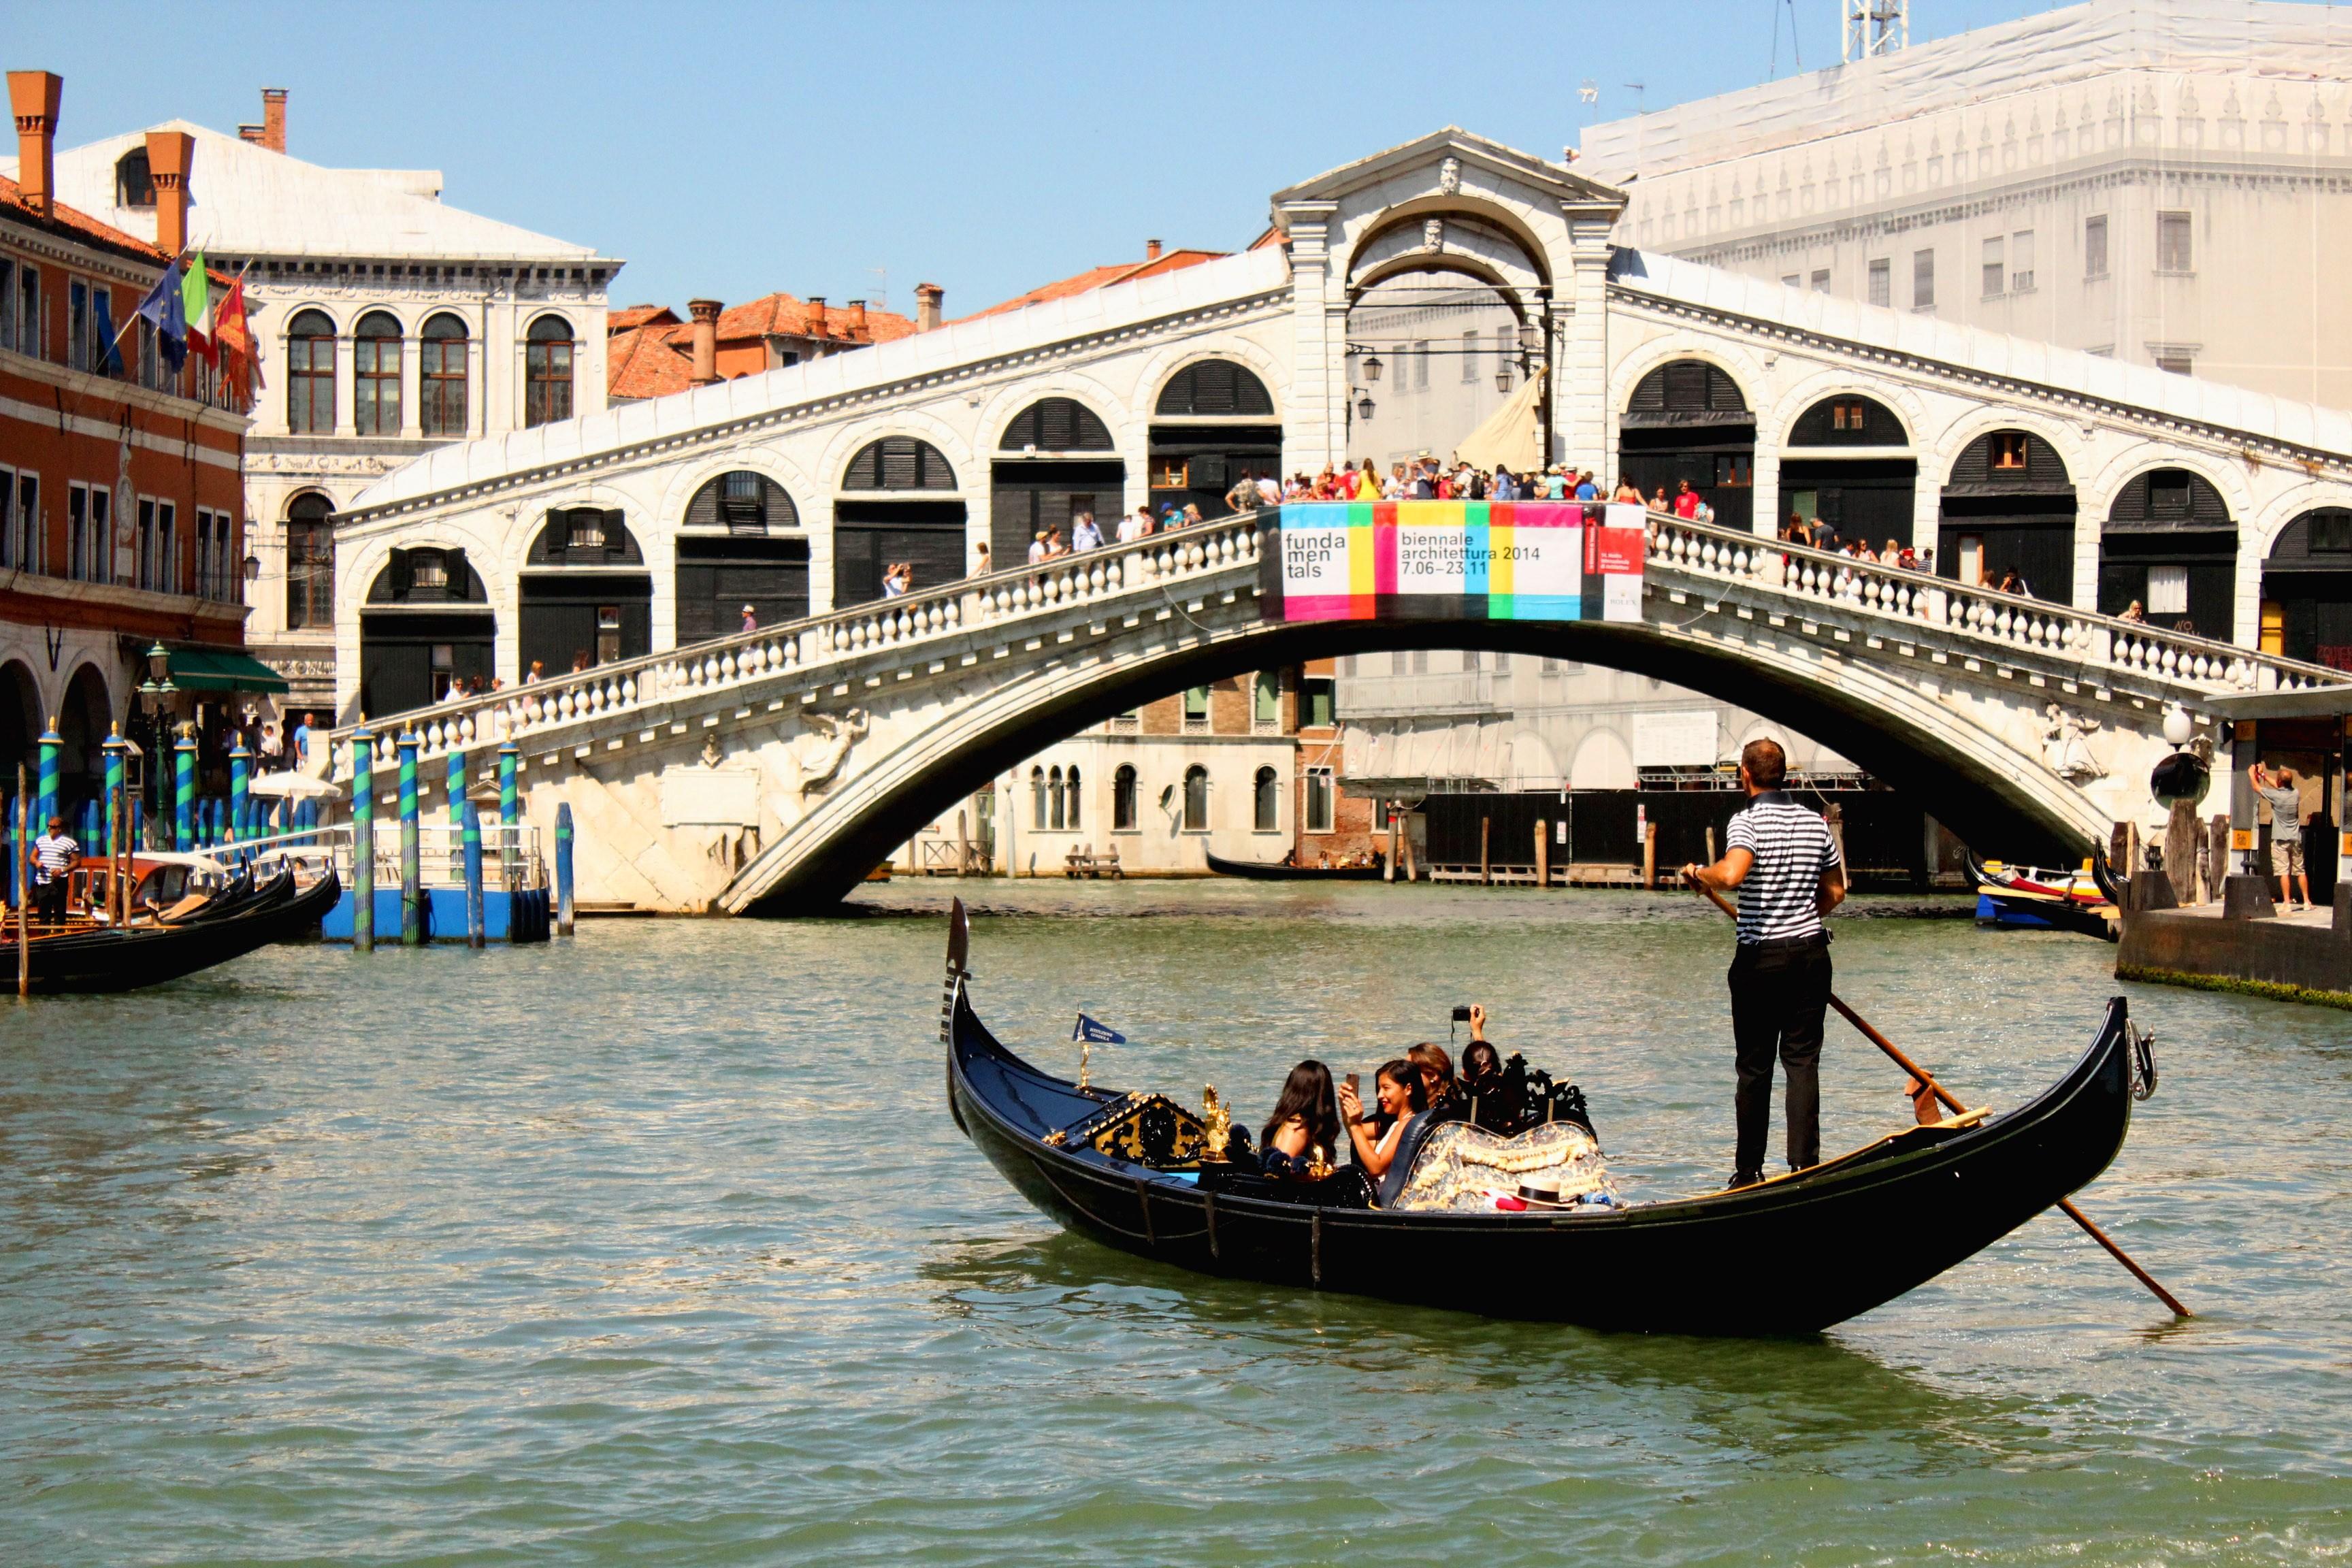 древесной или мост риальто в венеции фото индюков считается